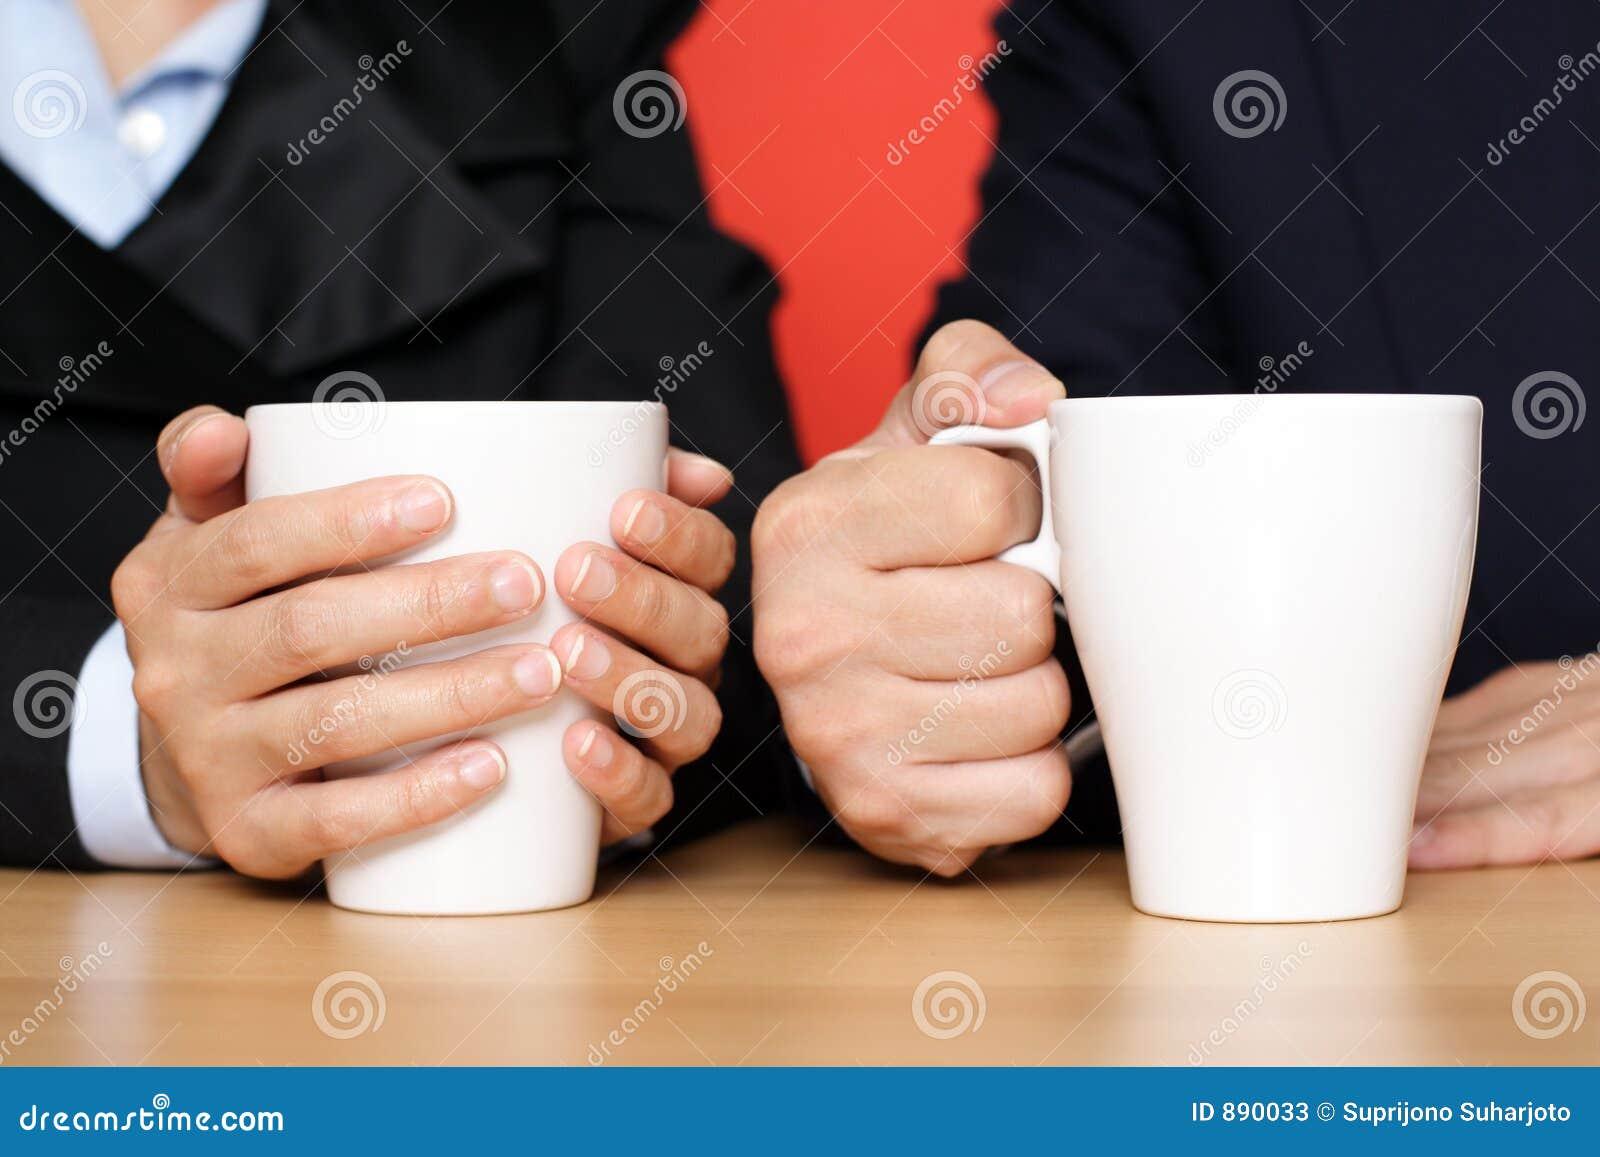 Rano spotkanie